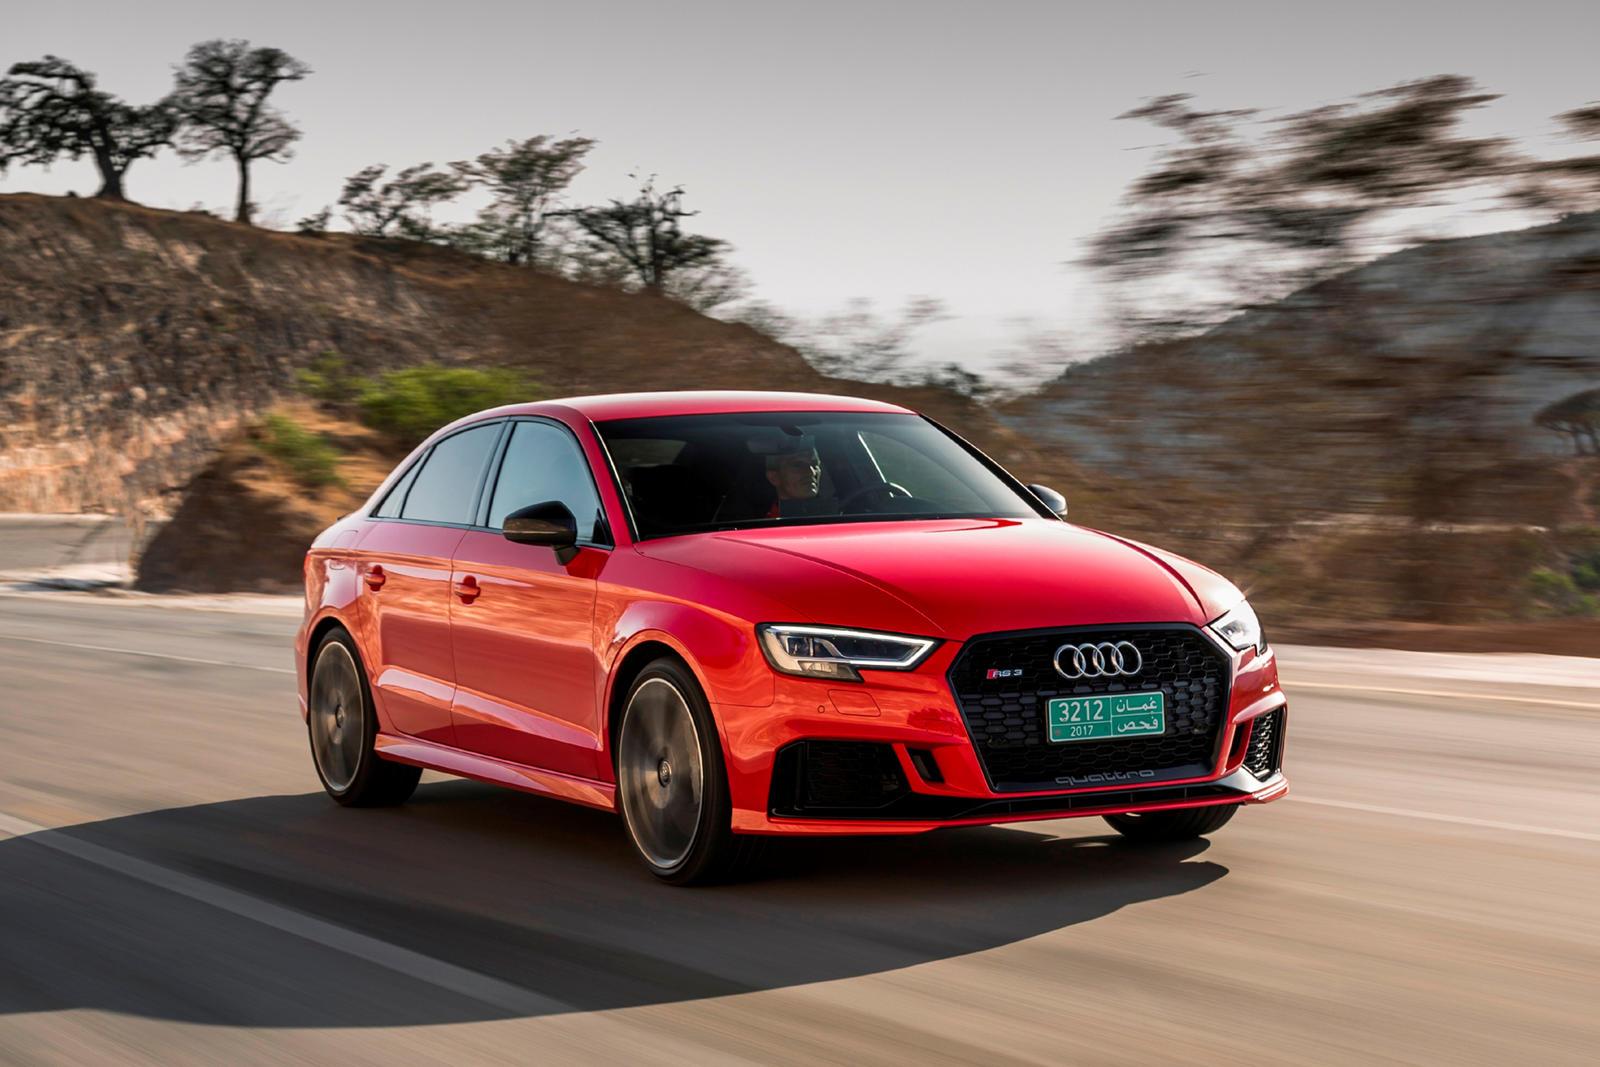 Audi S4 0 60 >> Watch The Audi Rs3 Destroy 0 60 Mph Estimates Carbuzz